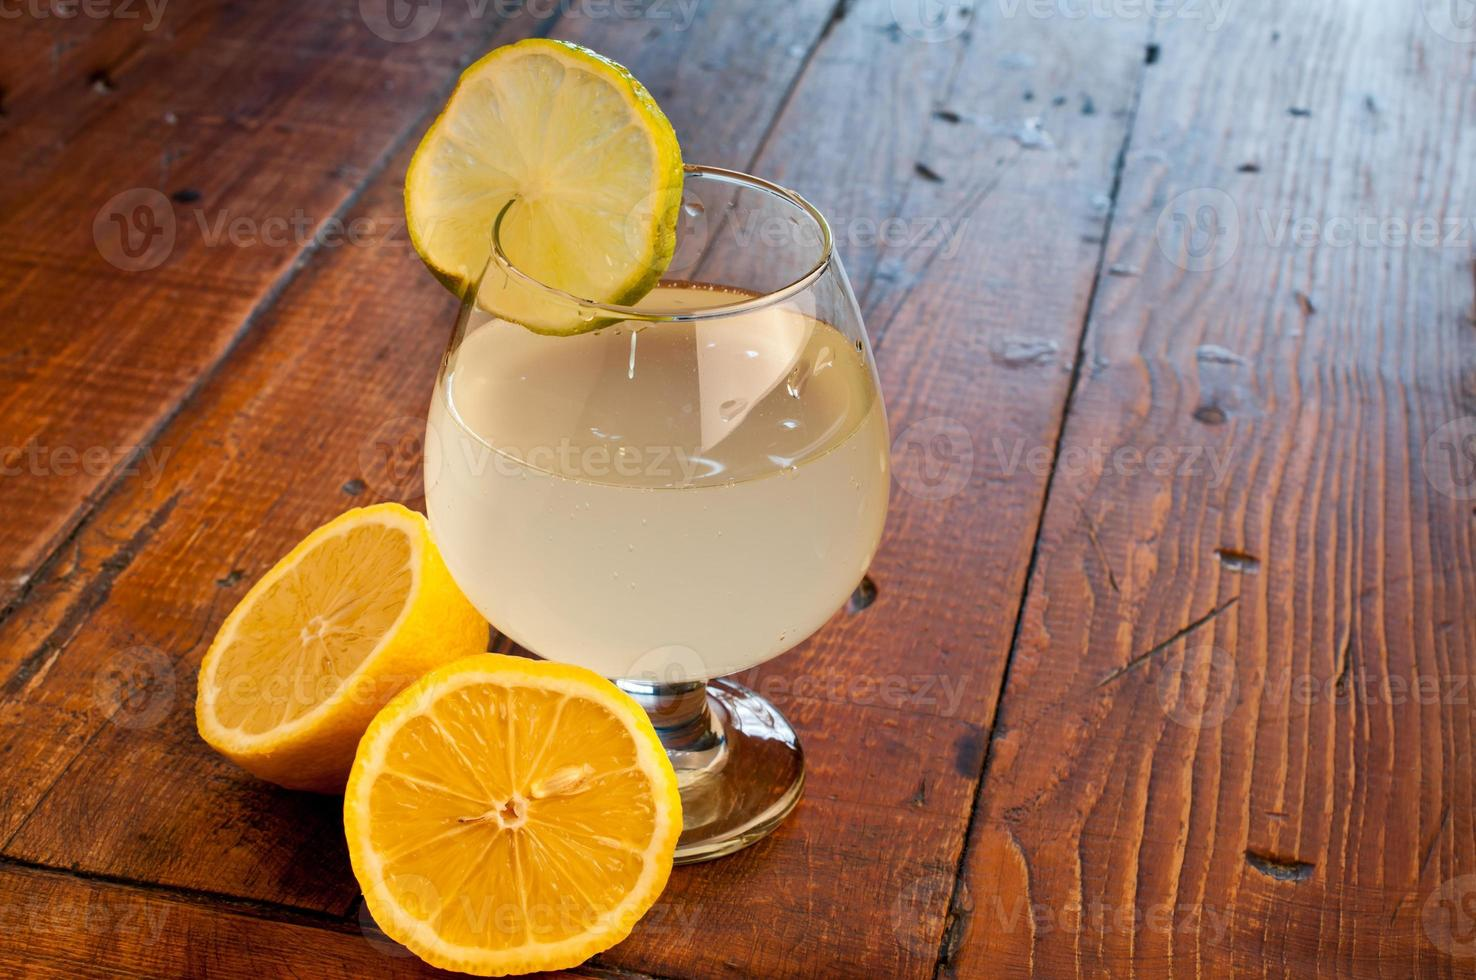 wijnglas met sprankelende limonade limoen gesneden limoen foto